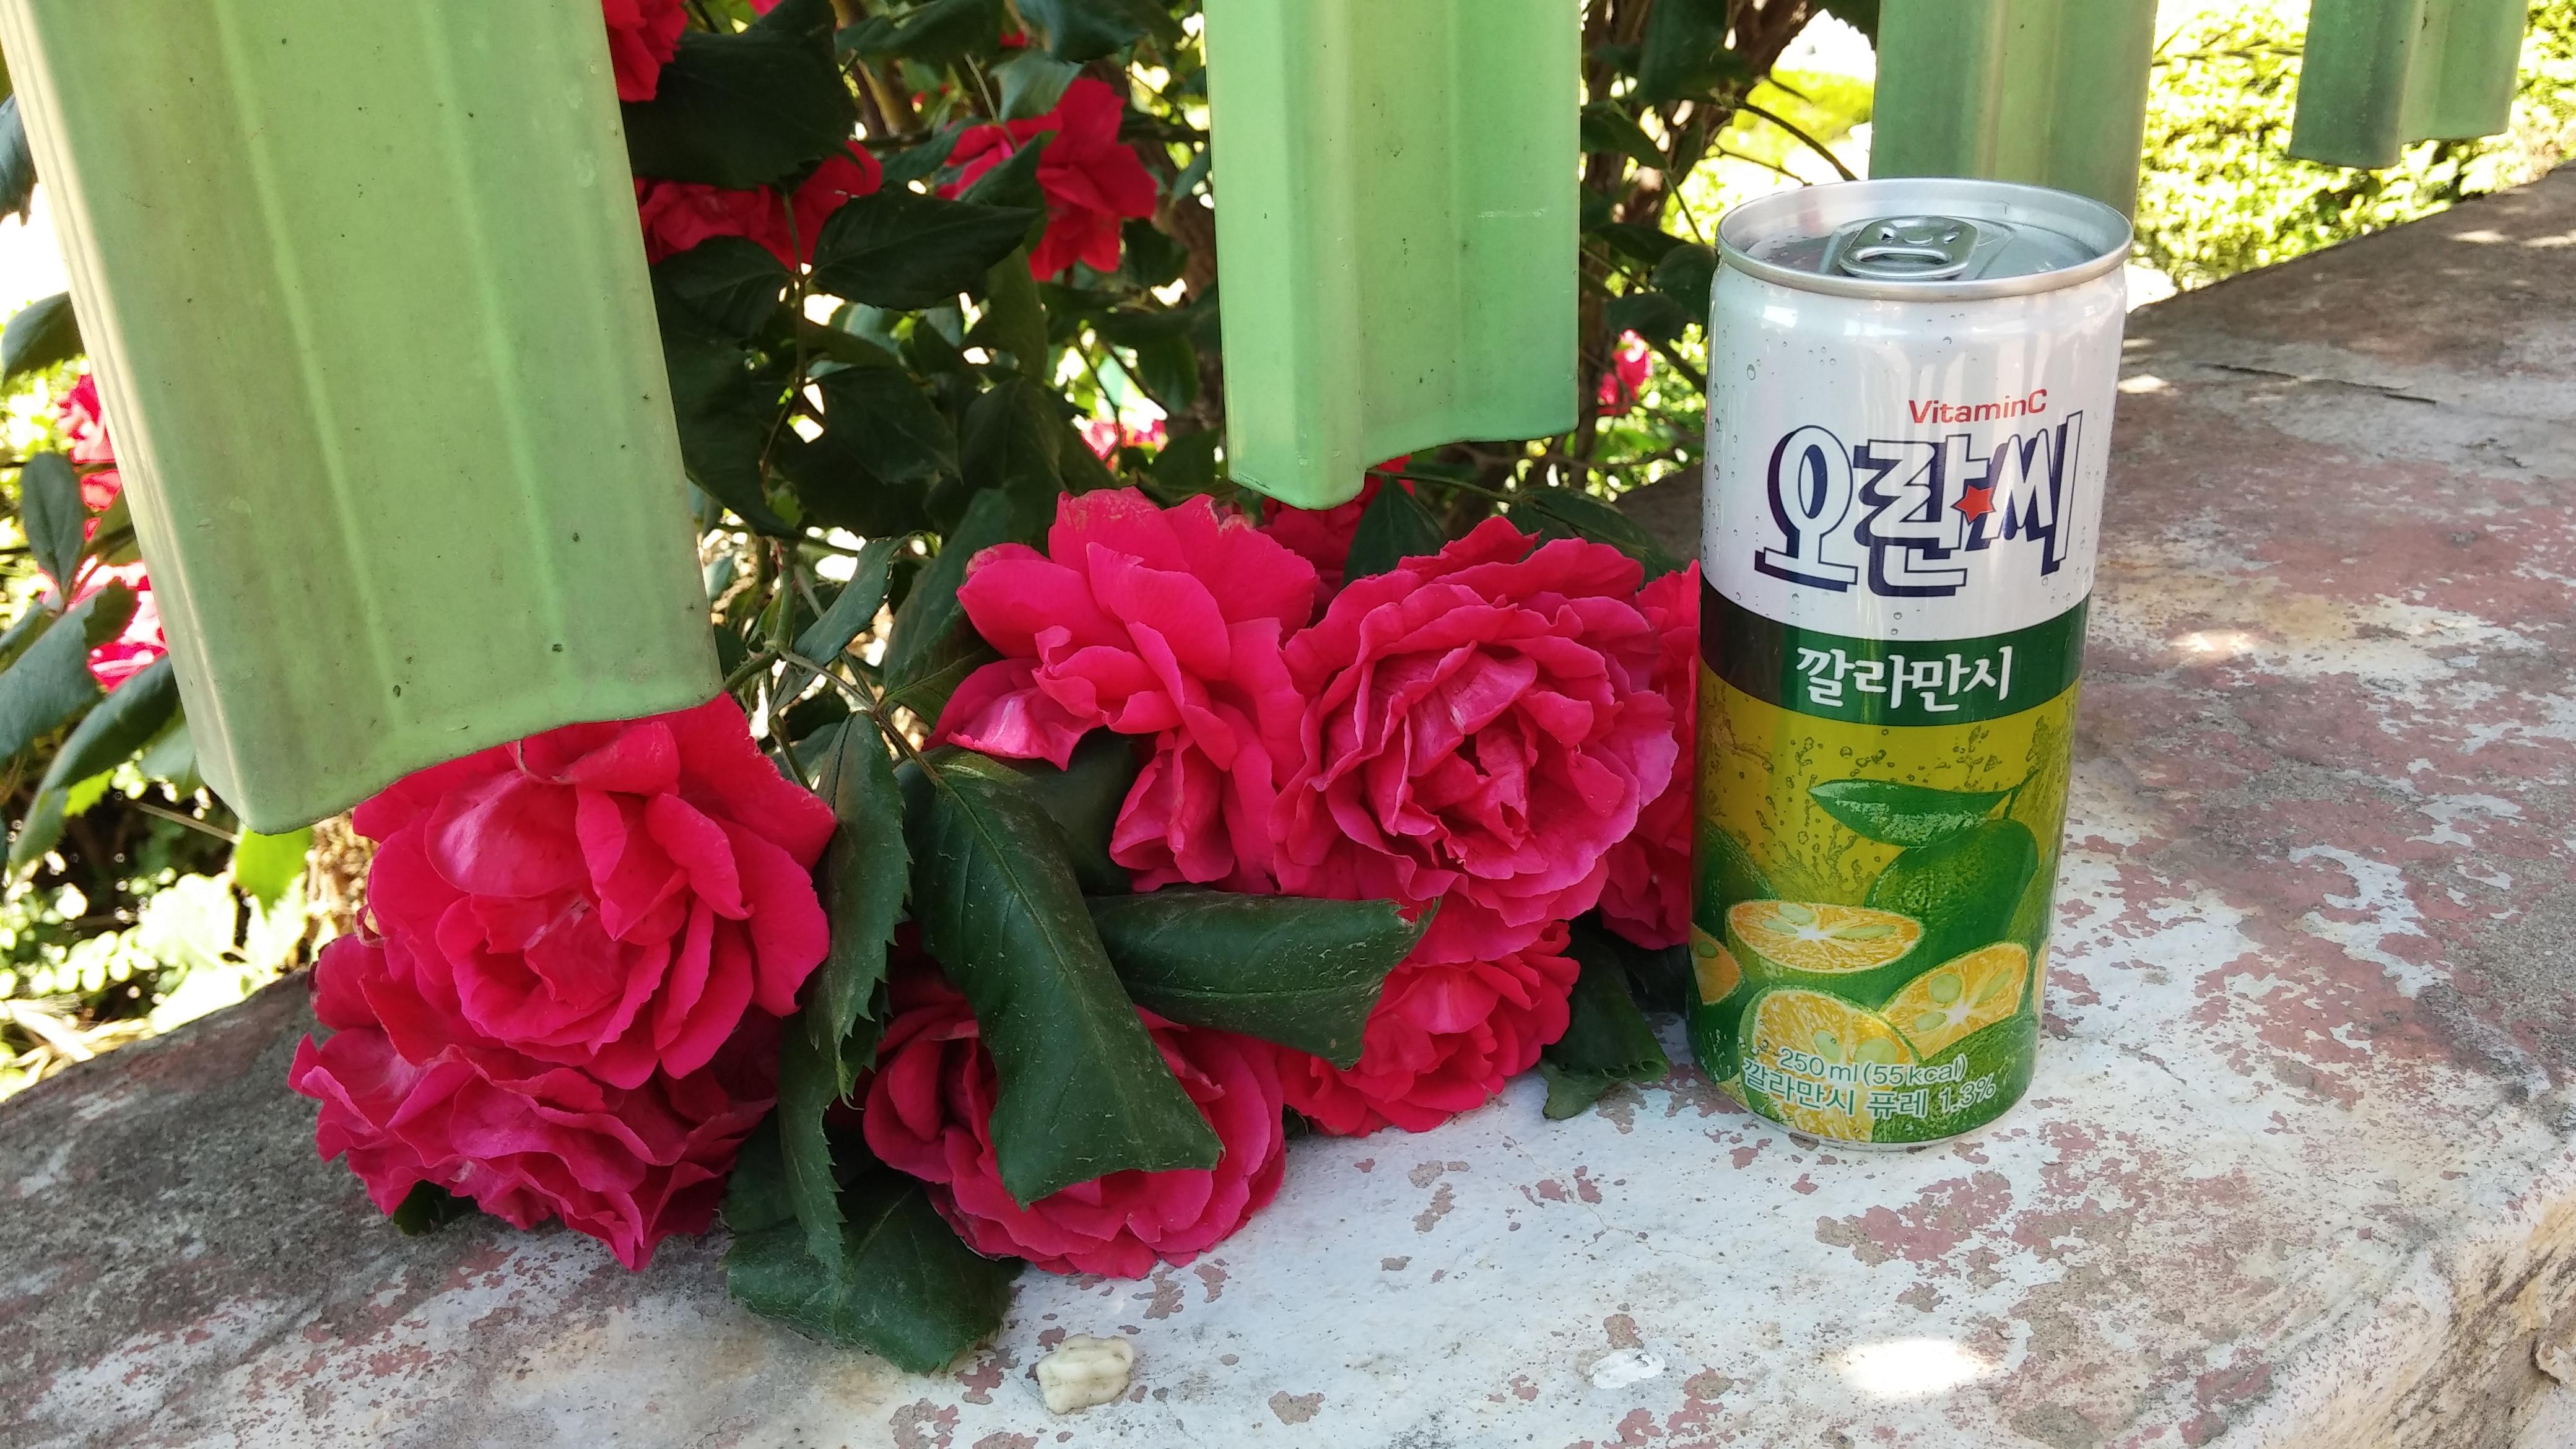 <락앤락써포터즈 체험단> 동아오츠카 천연과즙 비타민 오란씨 깔라만시~